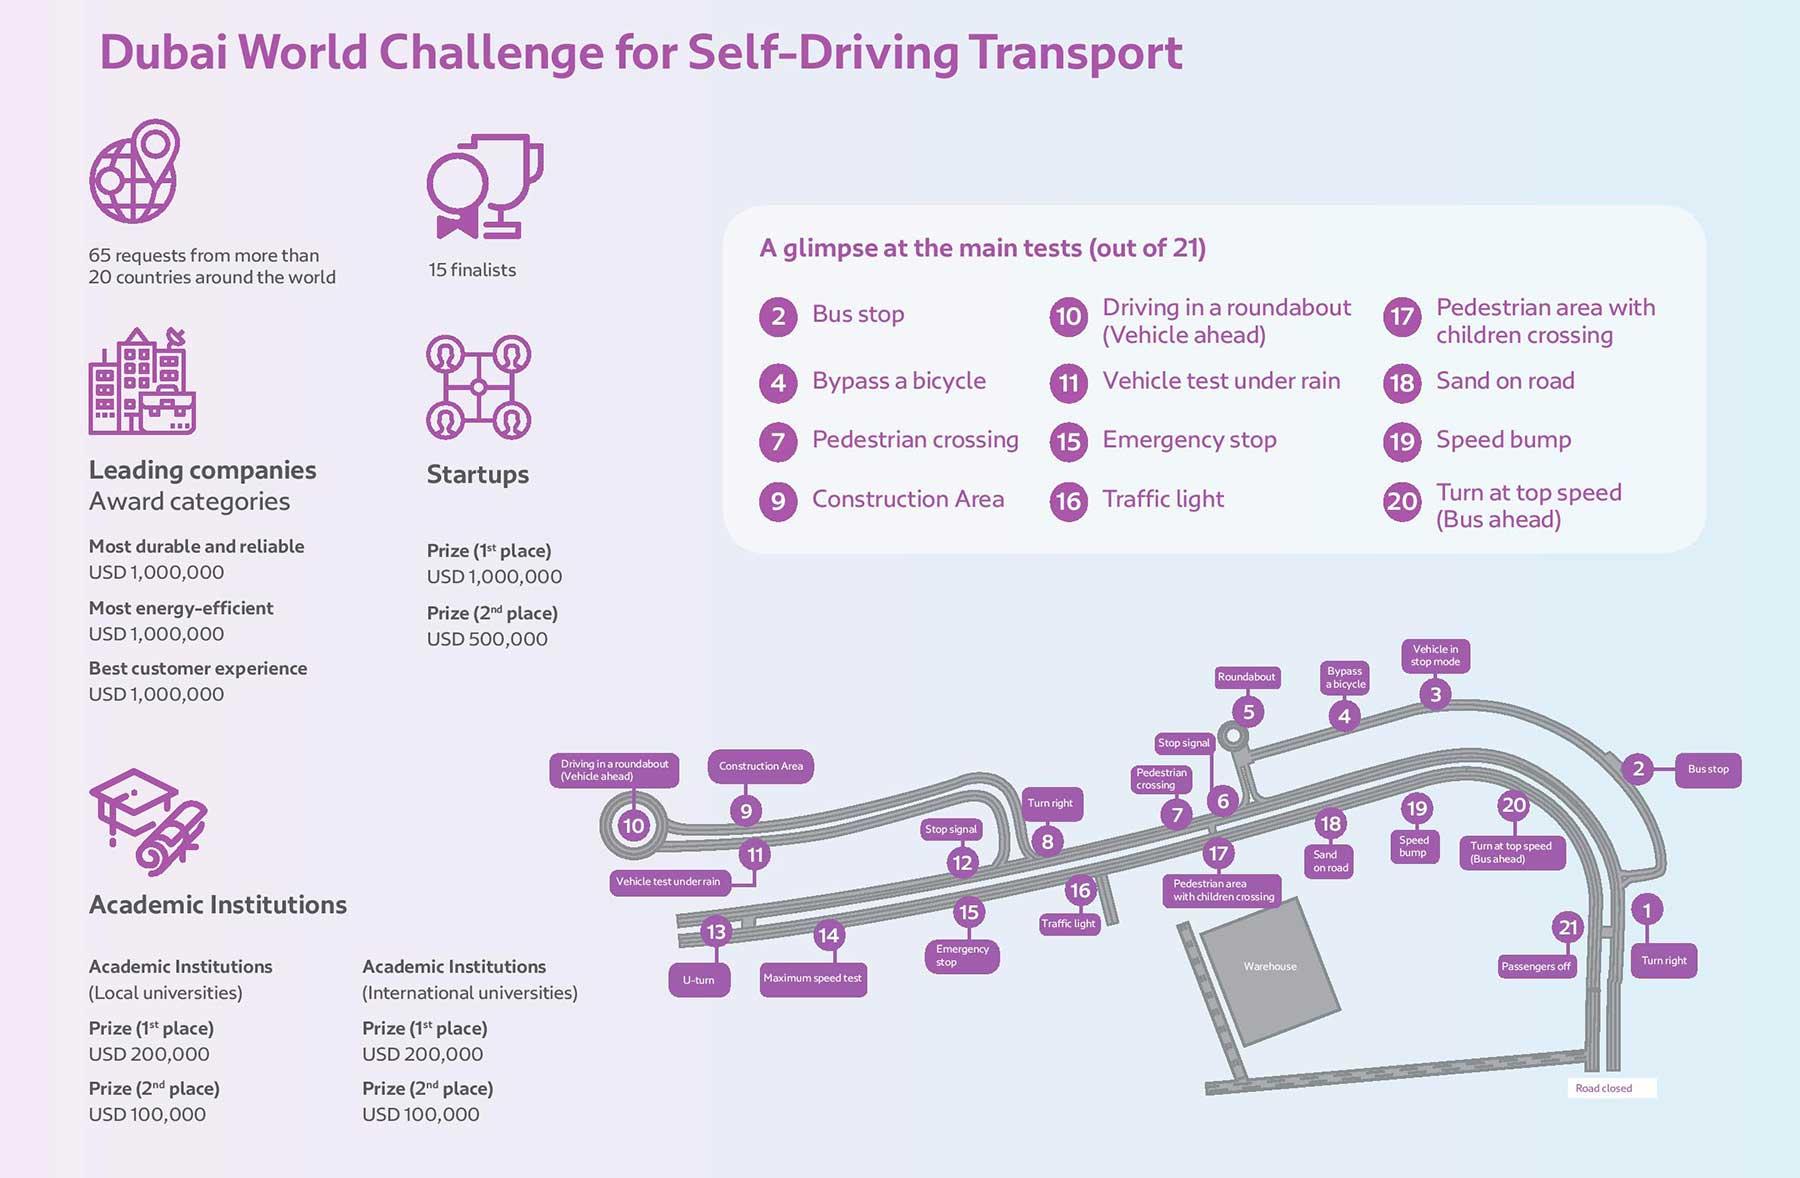 Dubai: 5,1 milioni di dollari di premi al concorso per mezzi di trasporto senza conducente